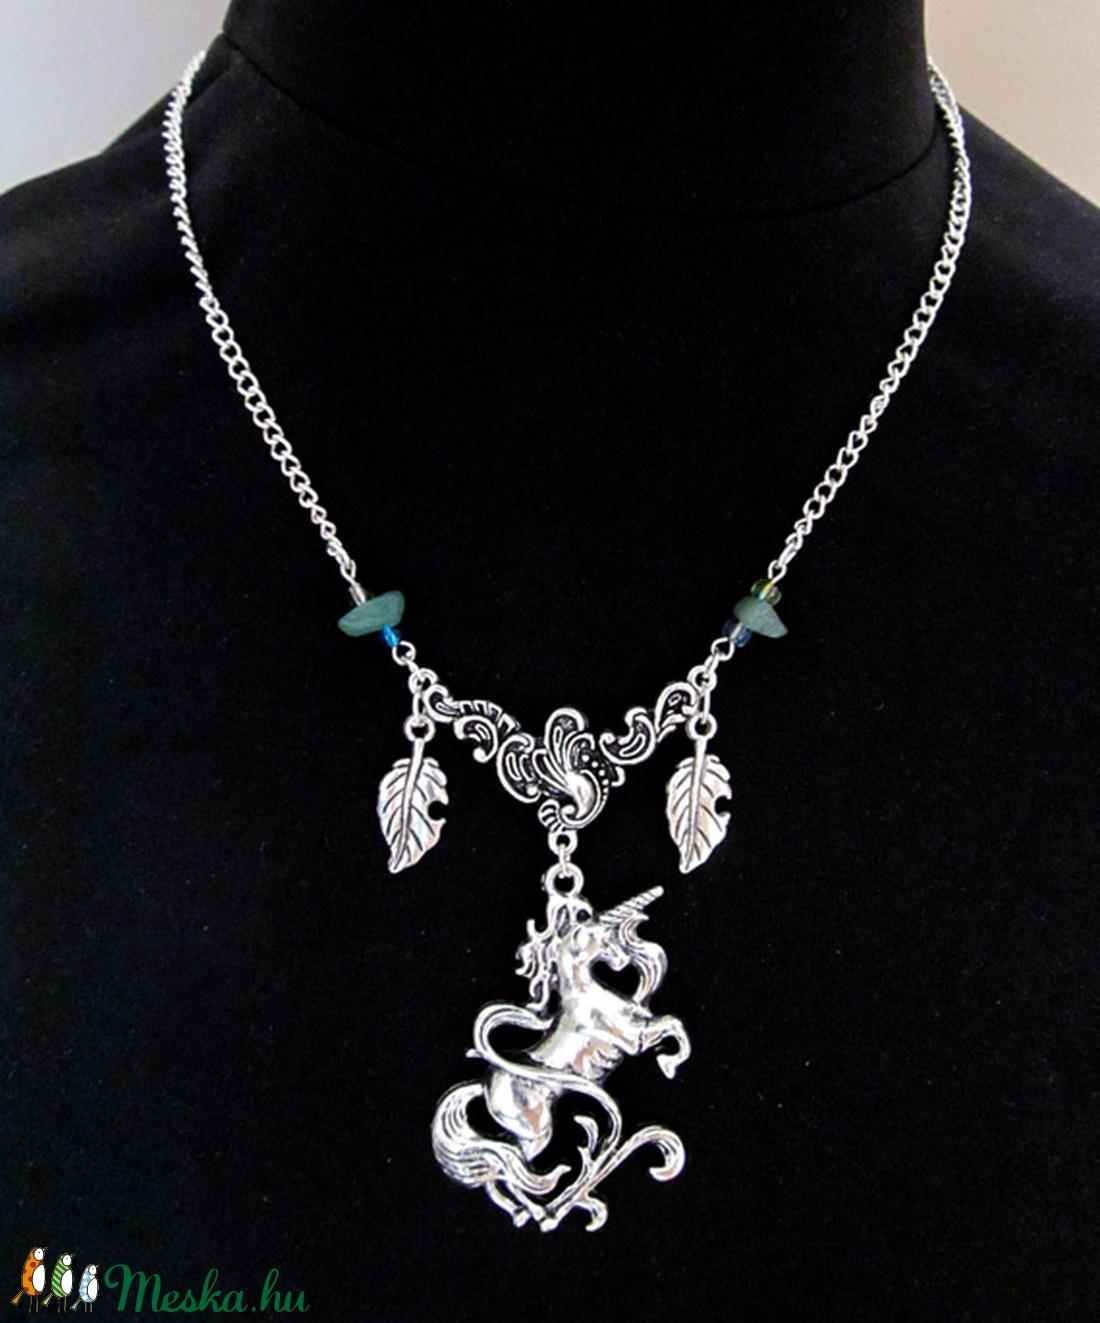 09ba22fee7 ... Egyszarvú / unikornis nyaklánc, ásvány kövecskékkel (Yuriko) - Meska.hu  ...